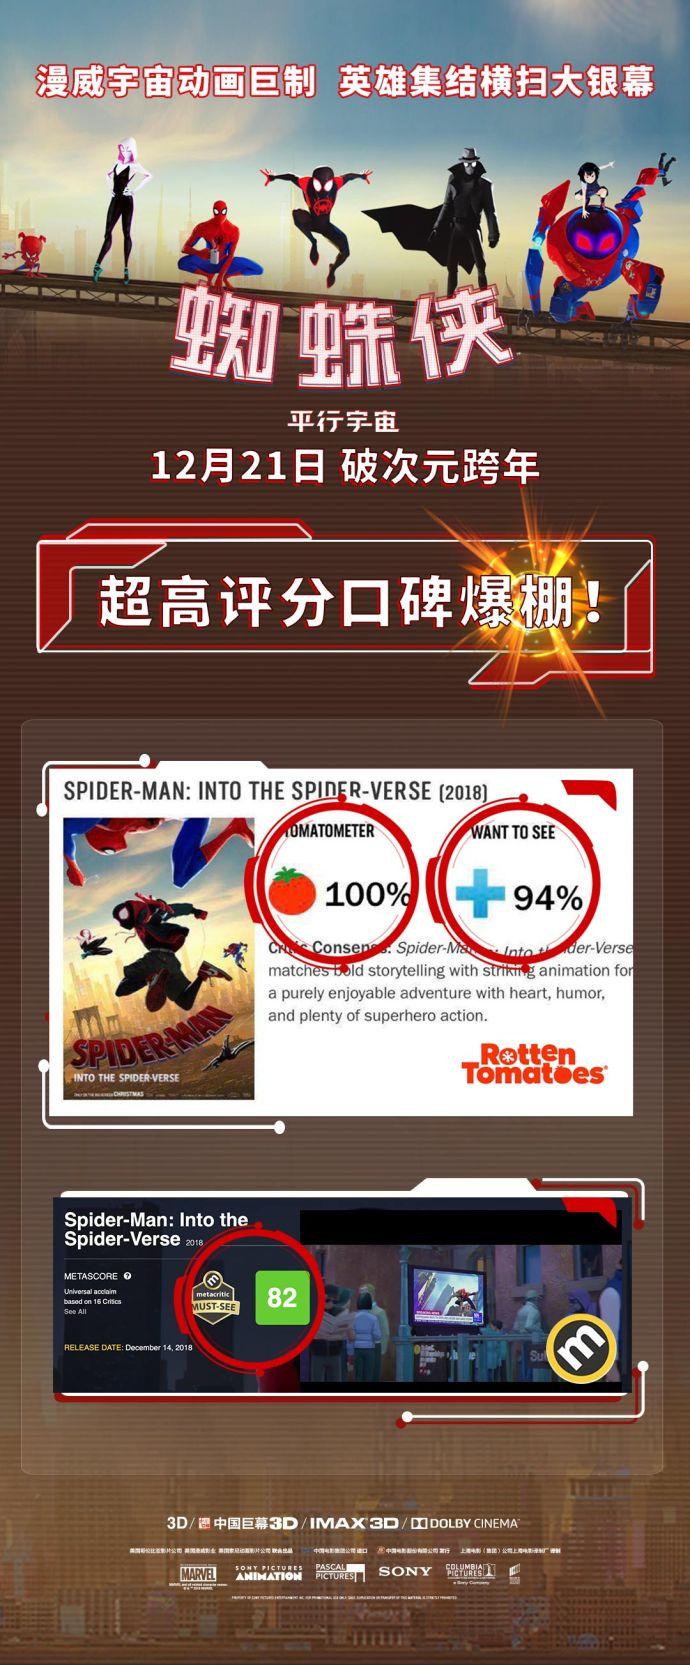 口碑炸裂的漫威動畫電影《蜘蛛俠:平行宇宙》,魅力絲毫不弱《海王》! 2